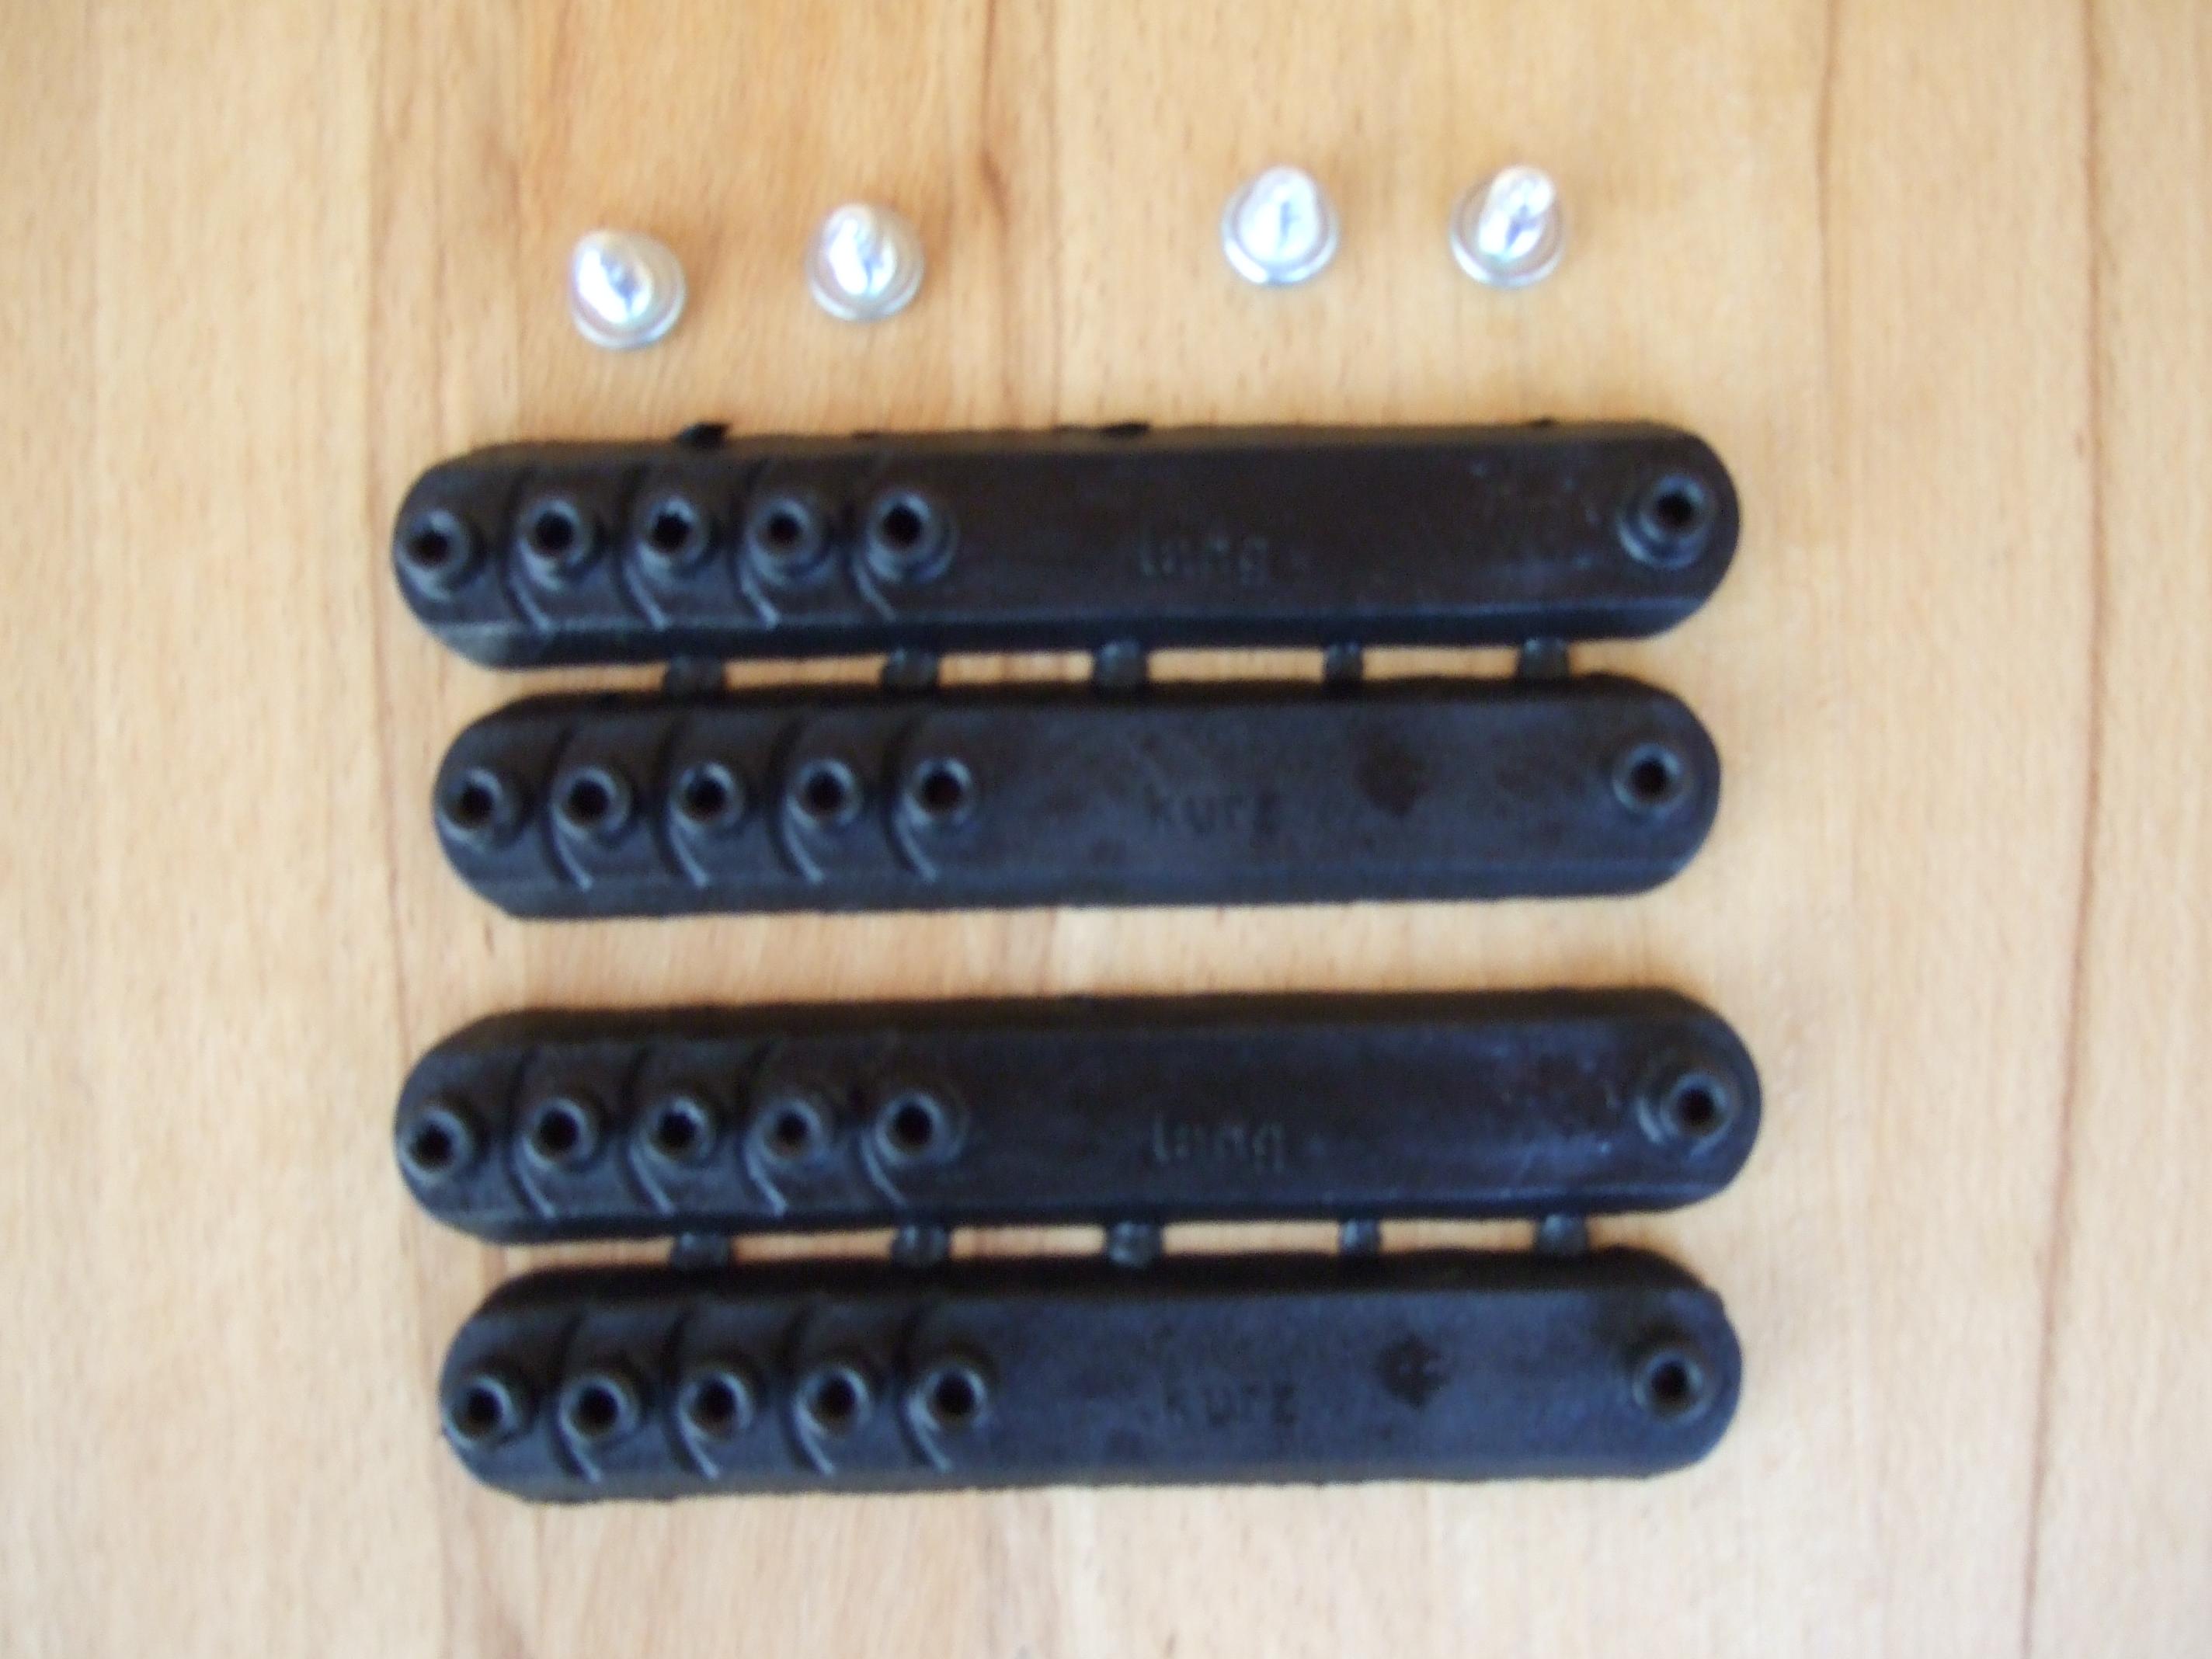 4 Stege für Dallmer Clogs inkl. 4 Schrauben